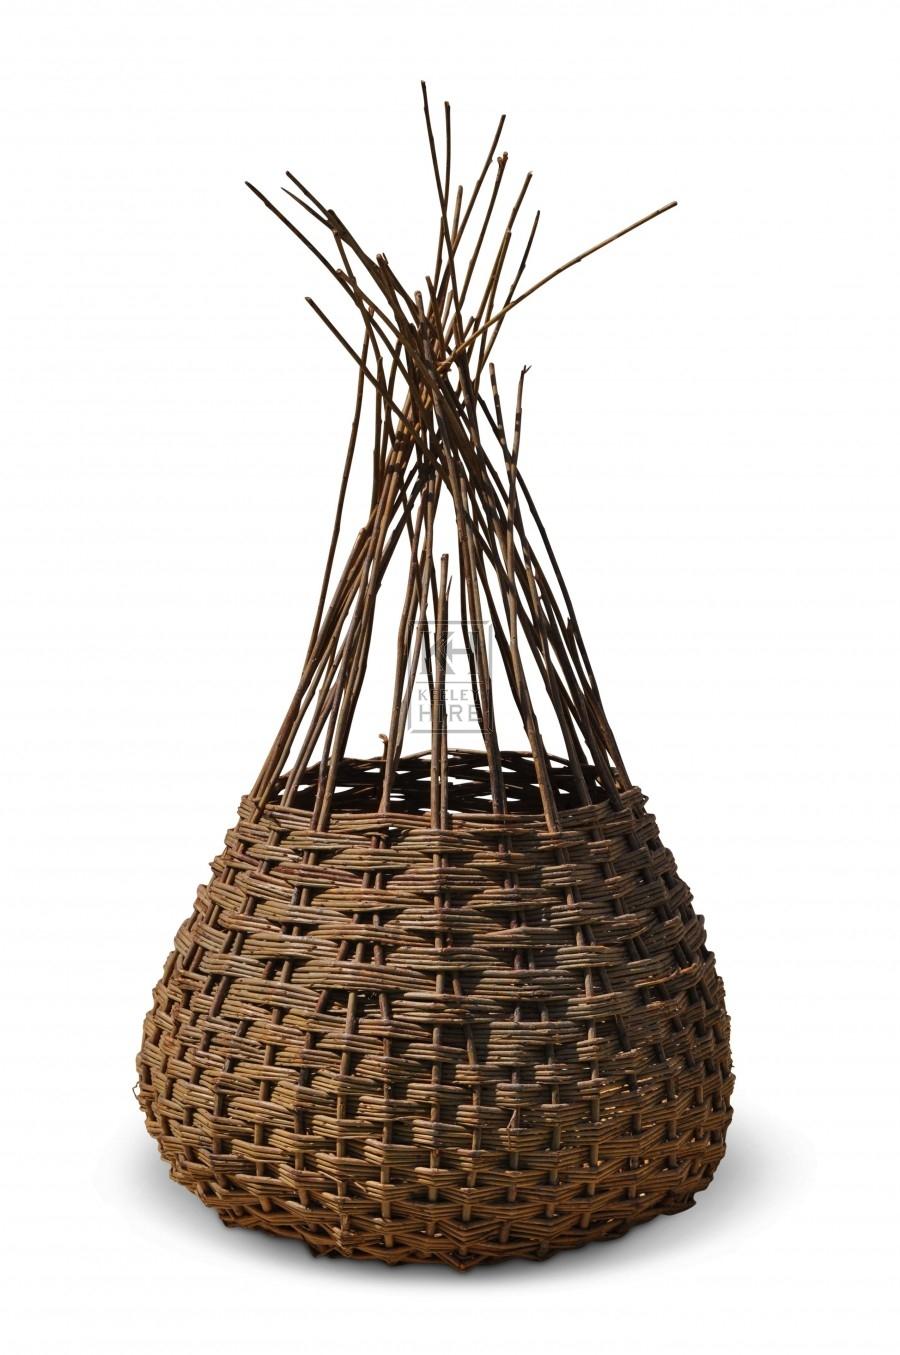 Loose topped basket